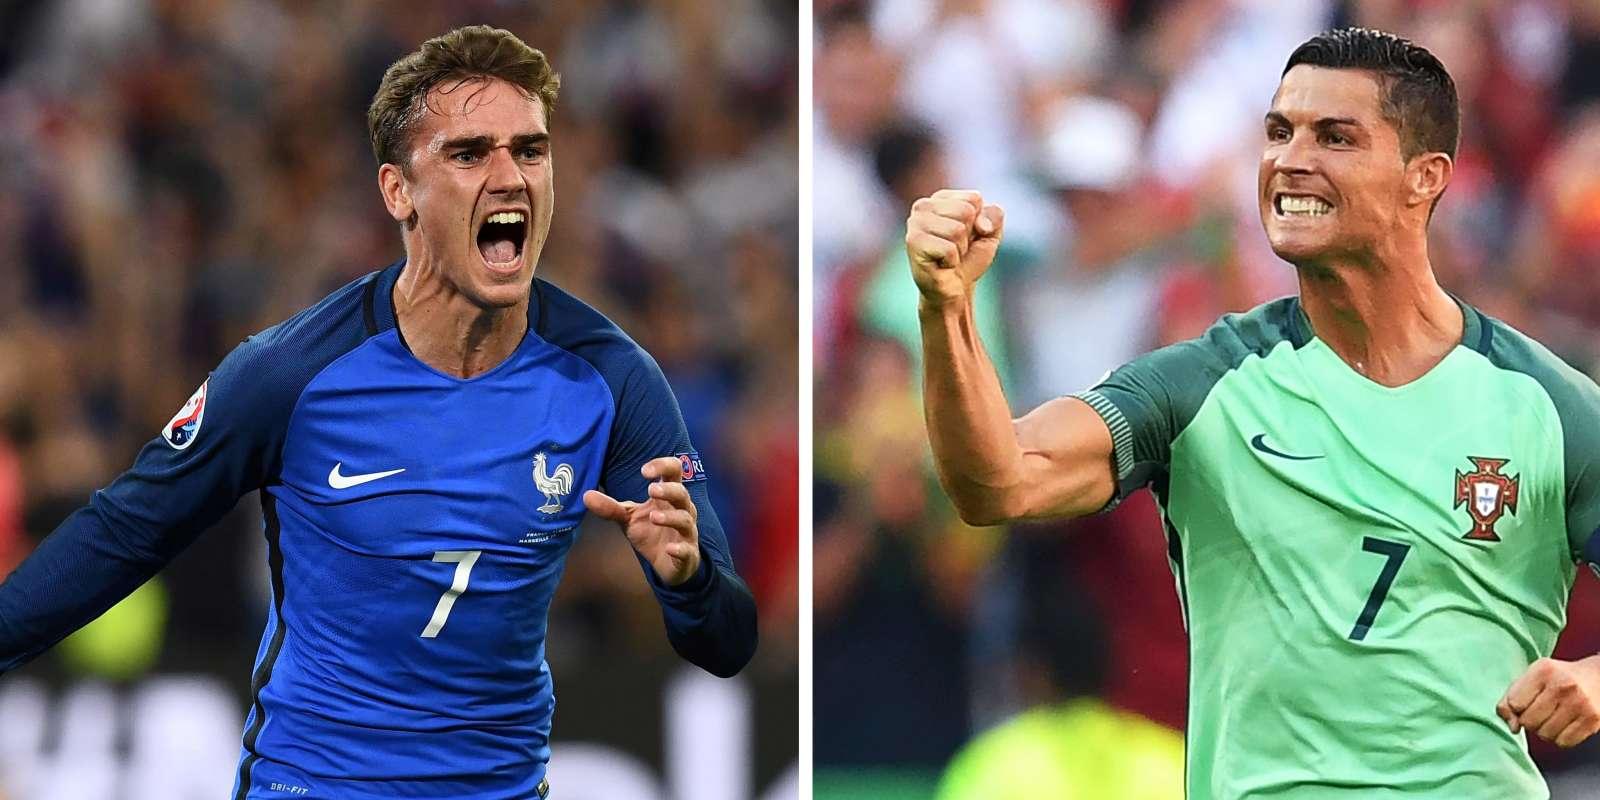 Les coéquipiers de Griezmann et Ronaldo s'affrontent en finale de l'Euro.